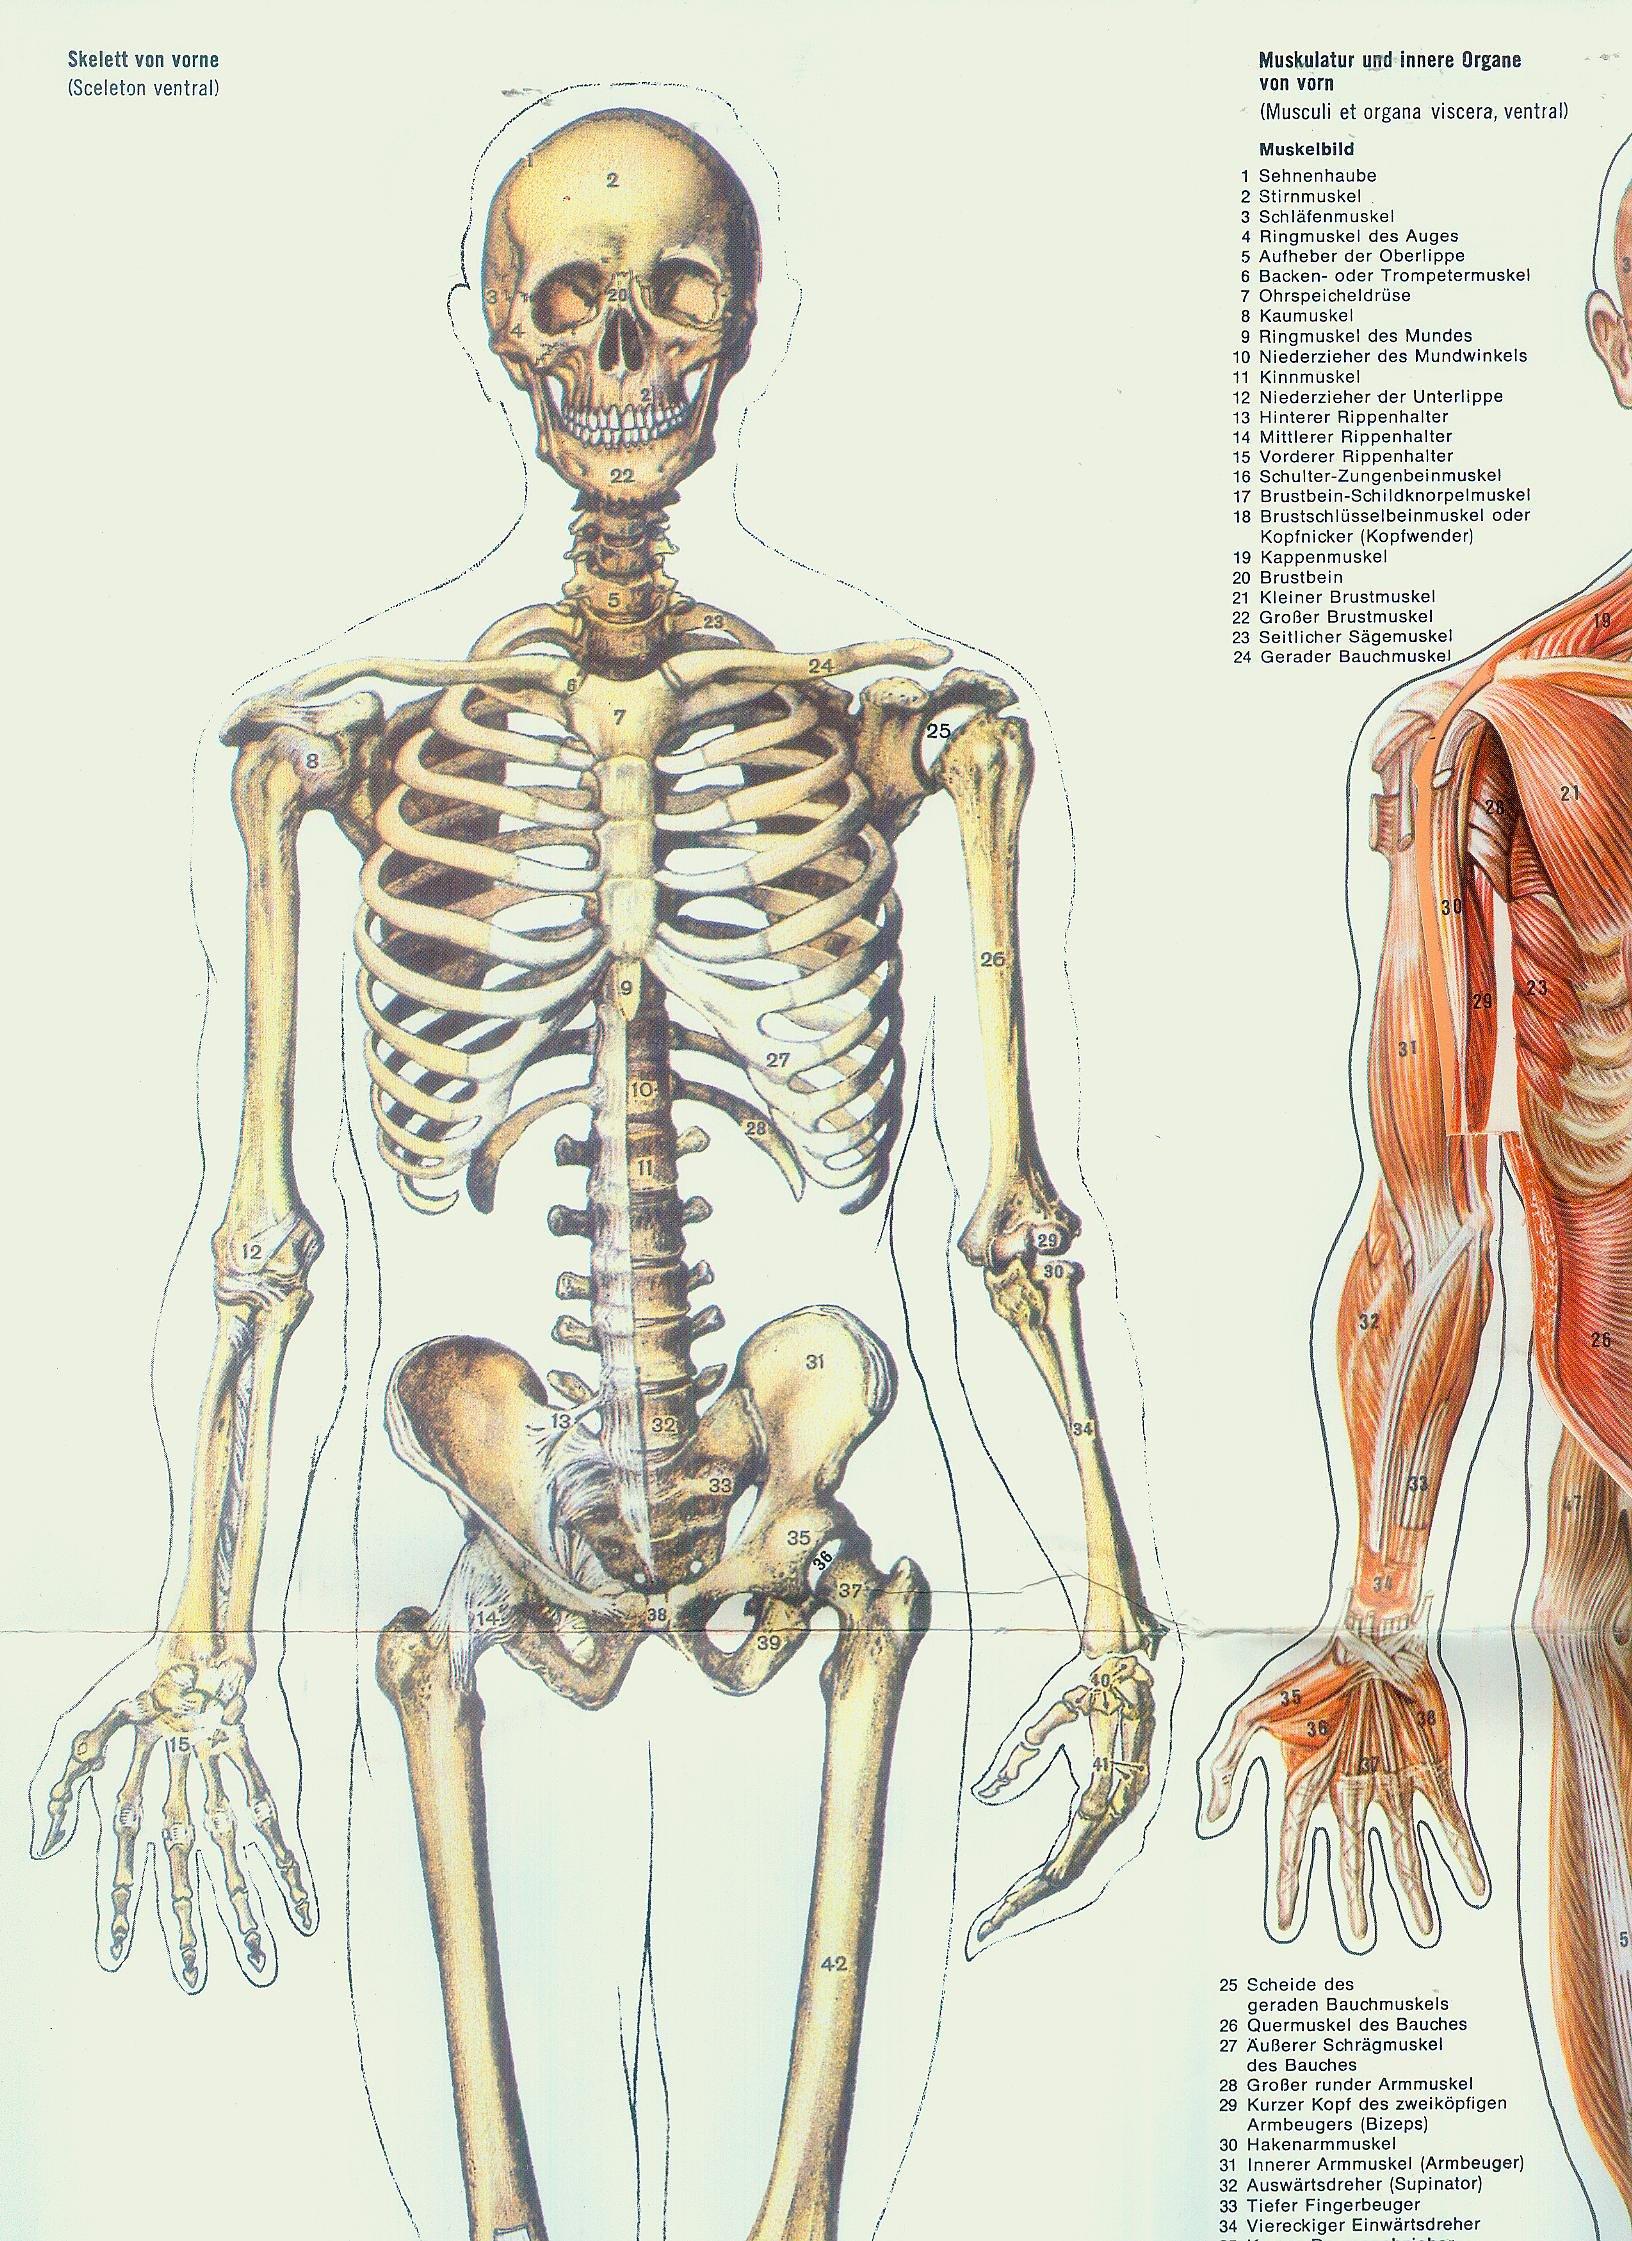 Charmant Innere Des Mundes Anatomie Galerie - Anatomie Ideen ...